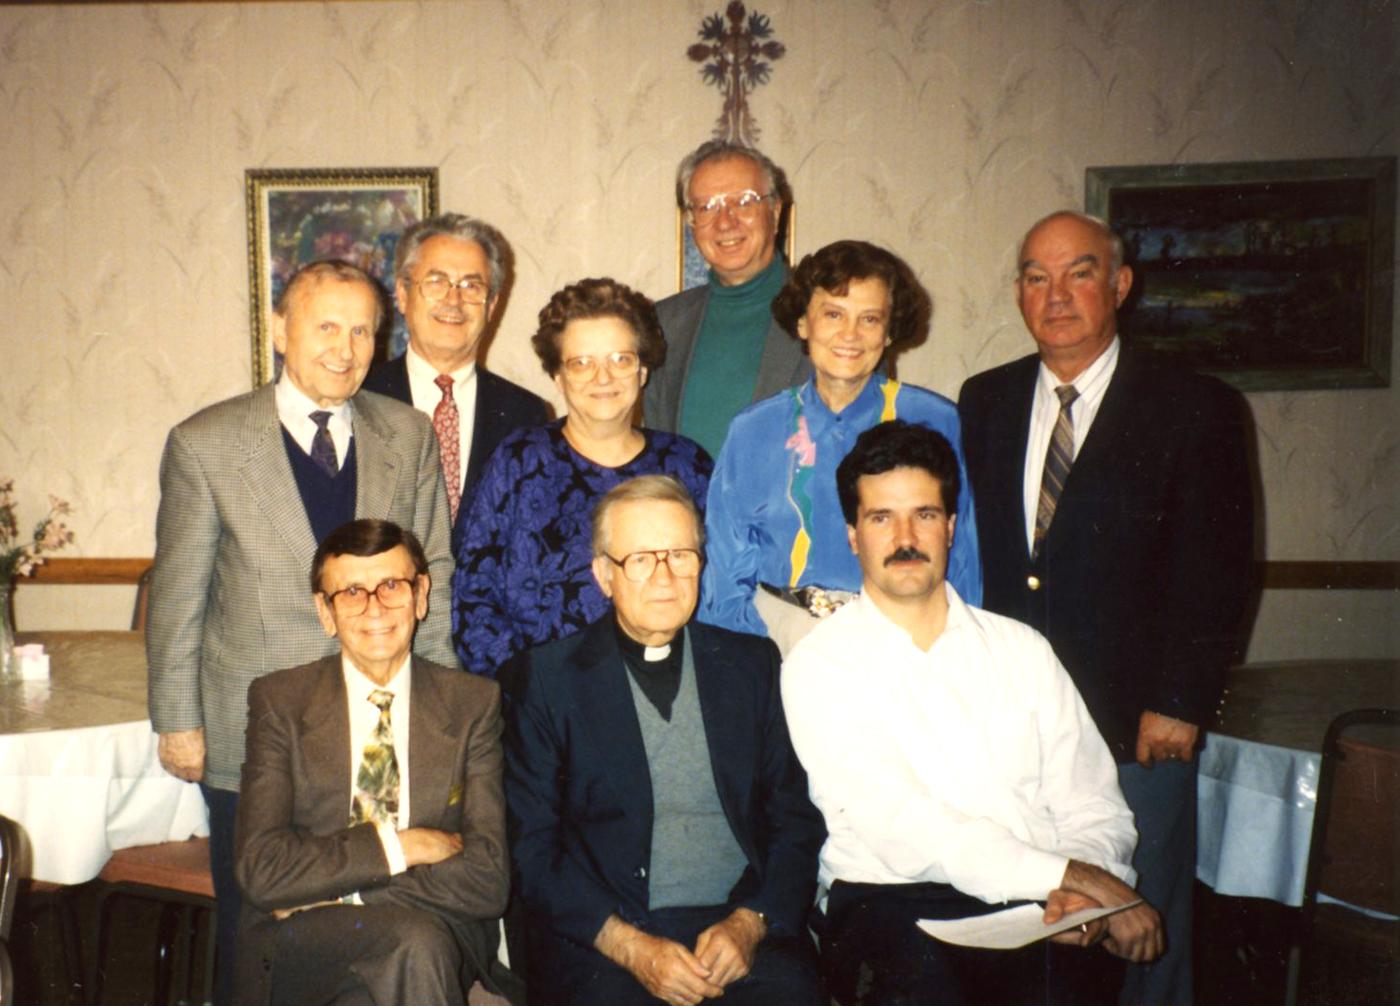 Draugo fondo direktorių taryba. Sėdi (iš k.): pirm. Bronius Juodelis, kun. Viktoras Rimšelis, Jurgis Riškus. Stovi: dr. Kazys Ambrozaitis, dr. Antanas Razma, Birutė Jasaitienė, Jonas Vaznelis, Marija Remienė ir Vaclovas Momkus. 1994 m. gruodžio 1 d., Čikaga.